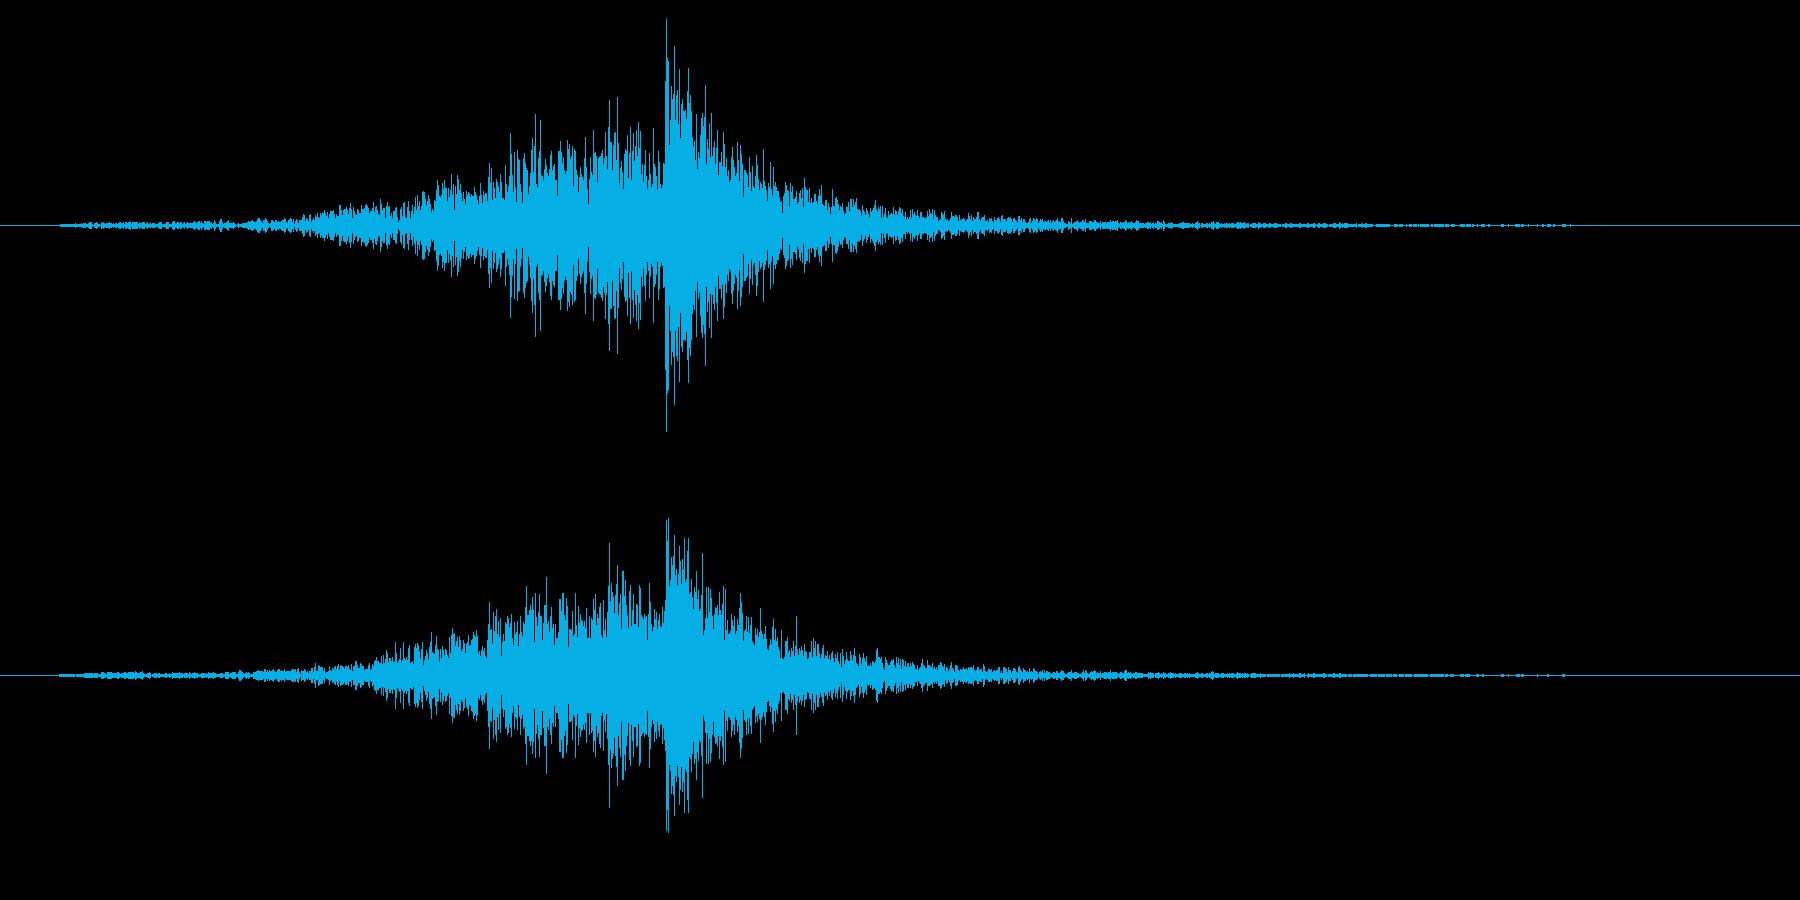 パーカッション-インパクトドラムロールの再生済みの波形